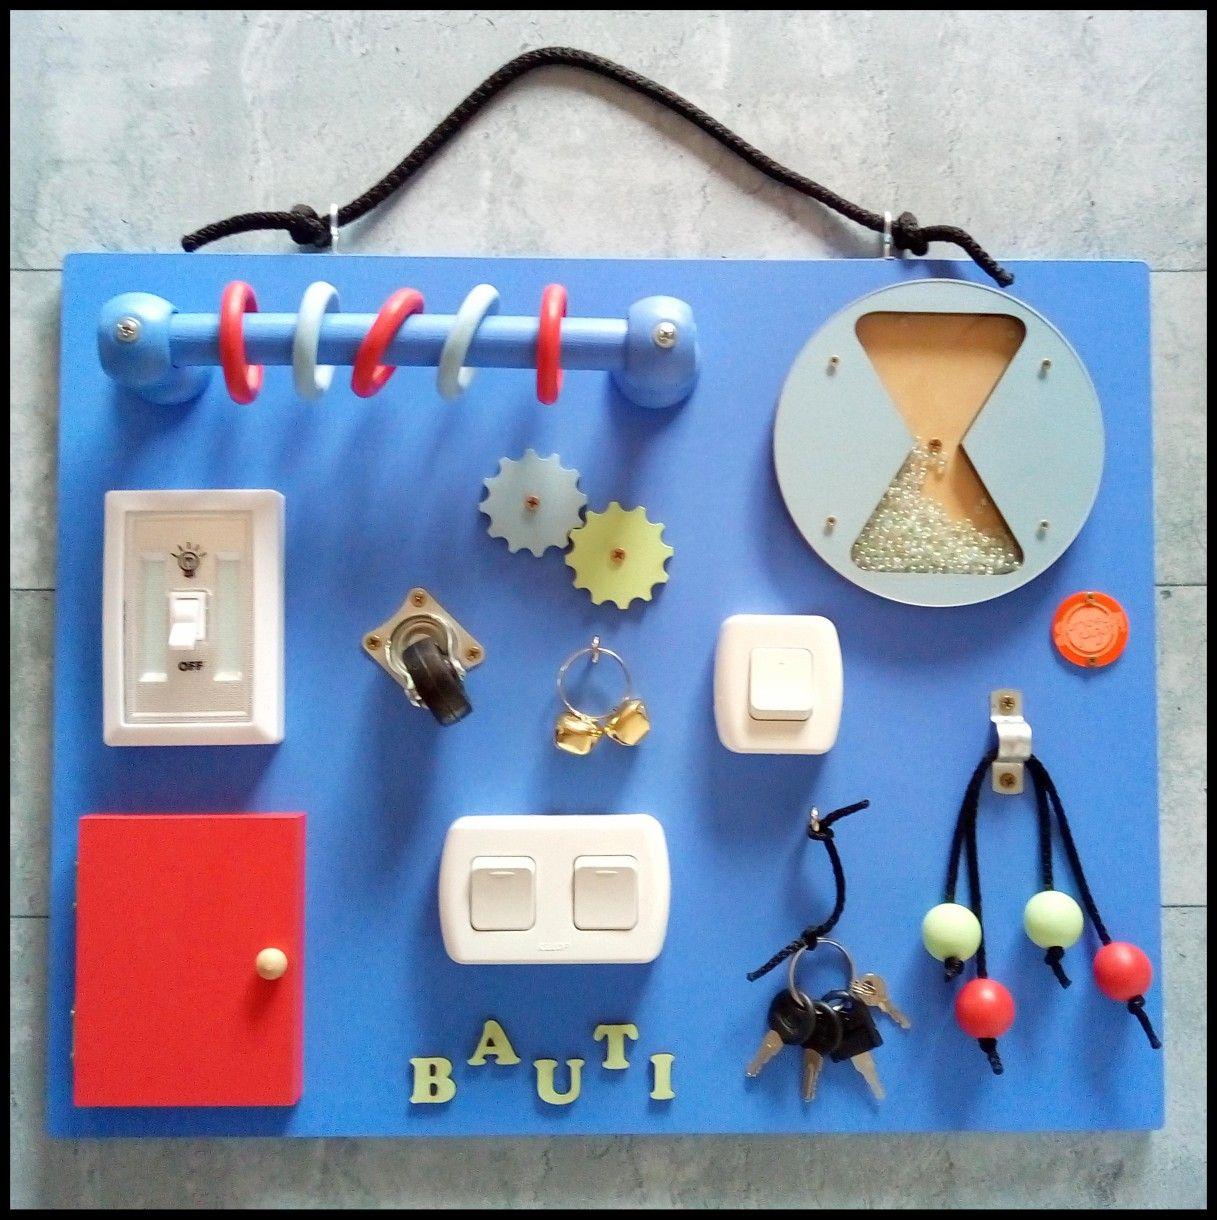 Tablero sensorial personalizado | Tablero de actividades para niño, Tablero  de estimulación sensorial, Tablero para niños